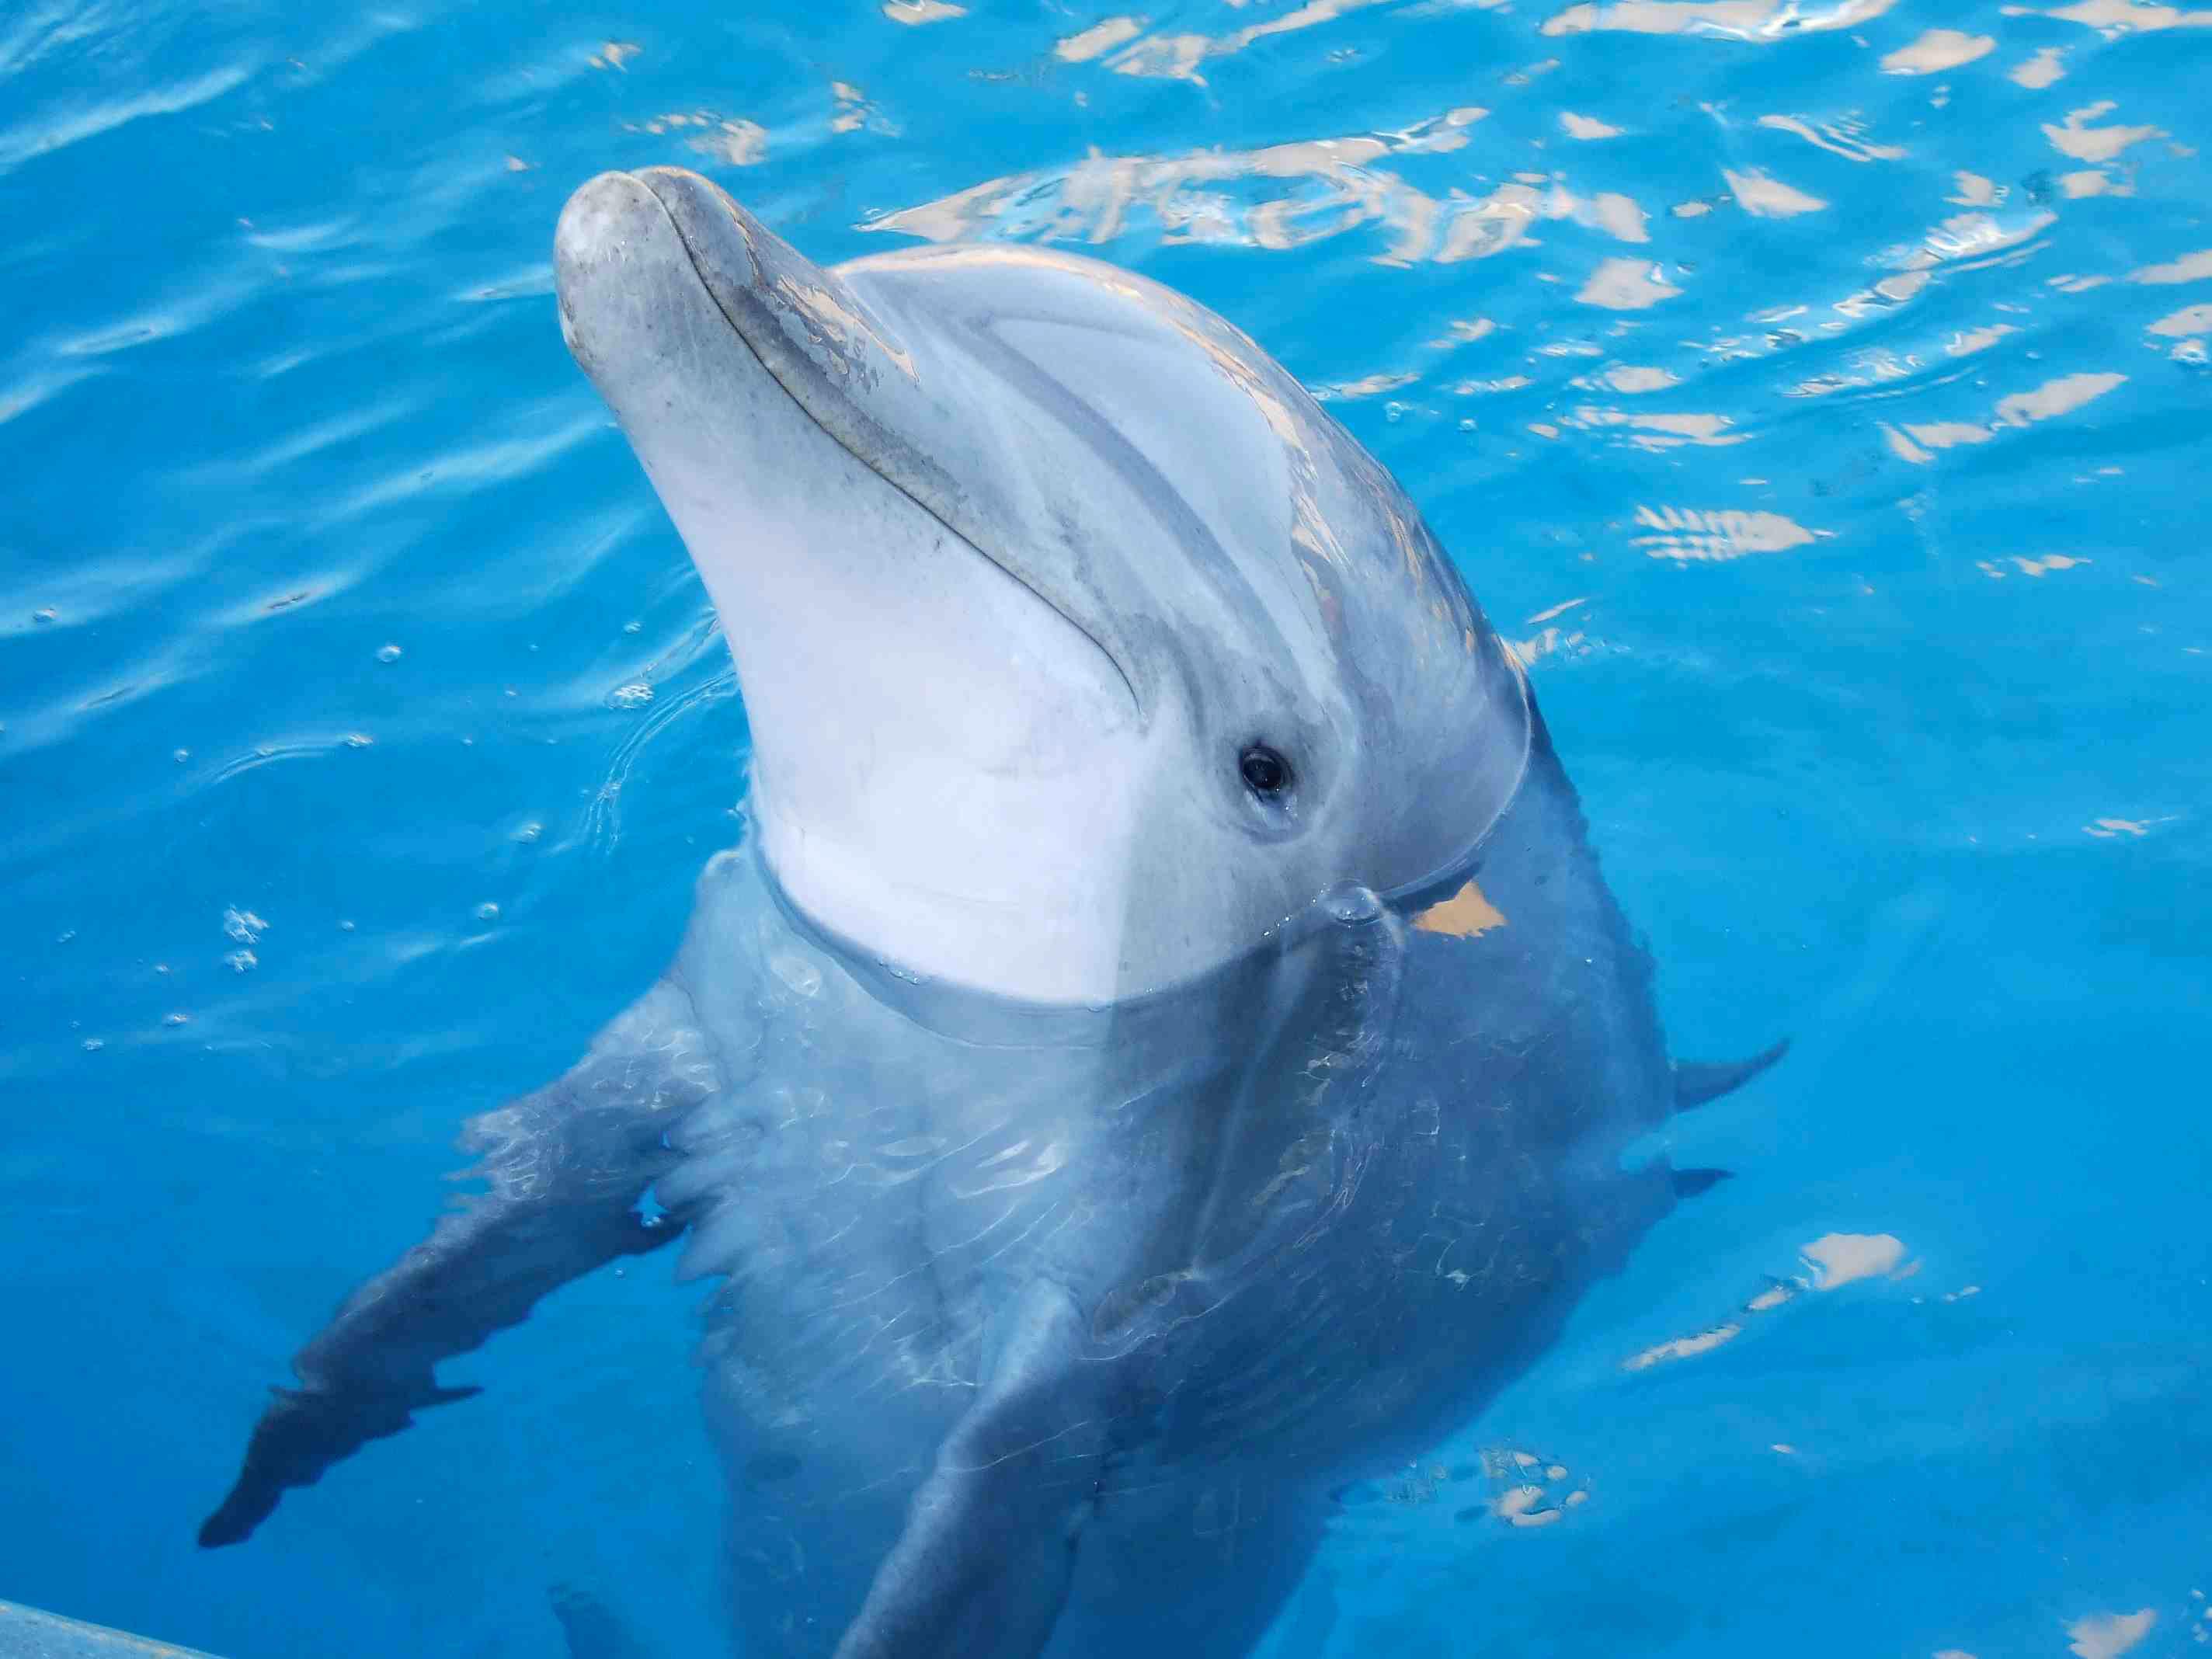 загадки про обитателей морских глубин для детей